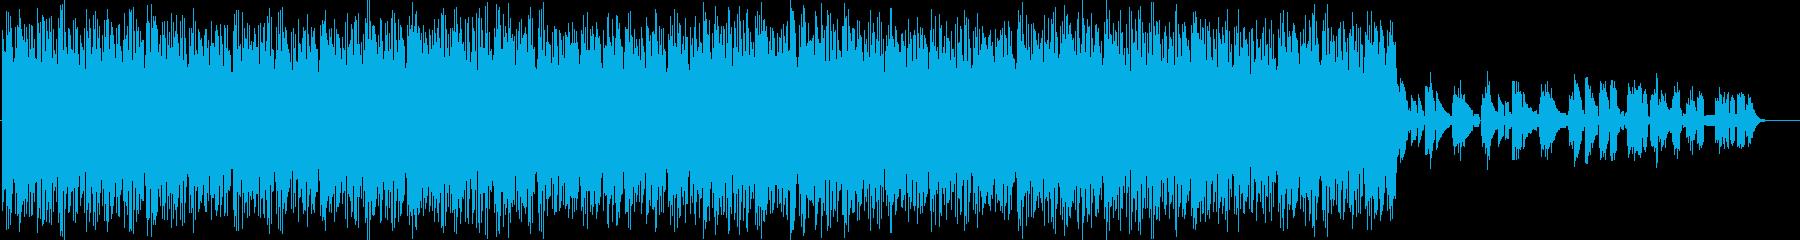 リズミカルなエレクトロニカの再生済みの波形